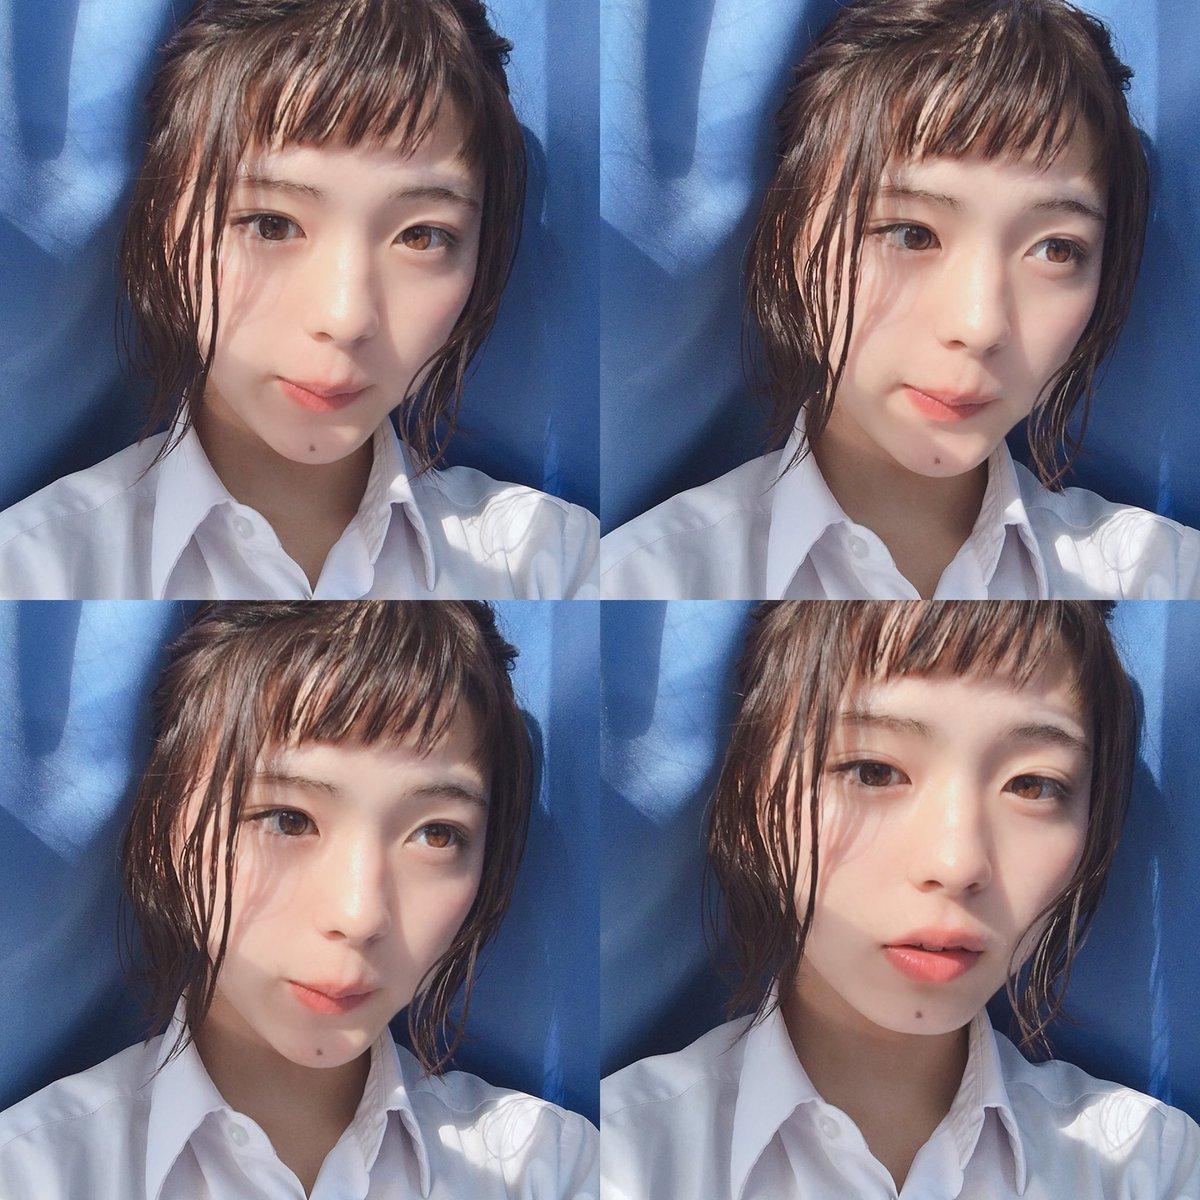 소년이지만, 소녀처럼 보여서 악플에 시달린 한 일본 소년의